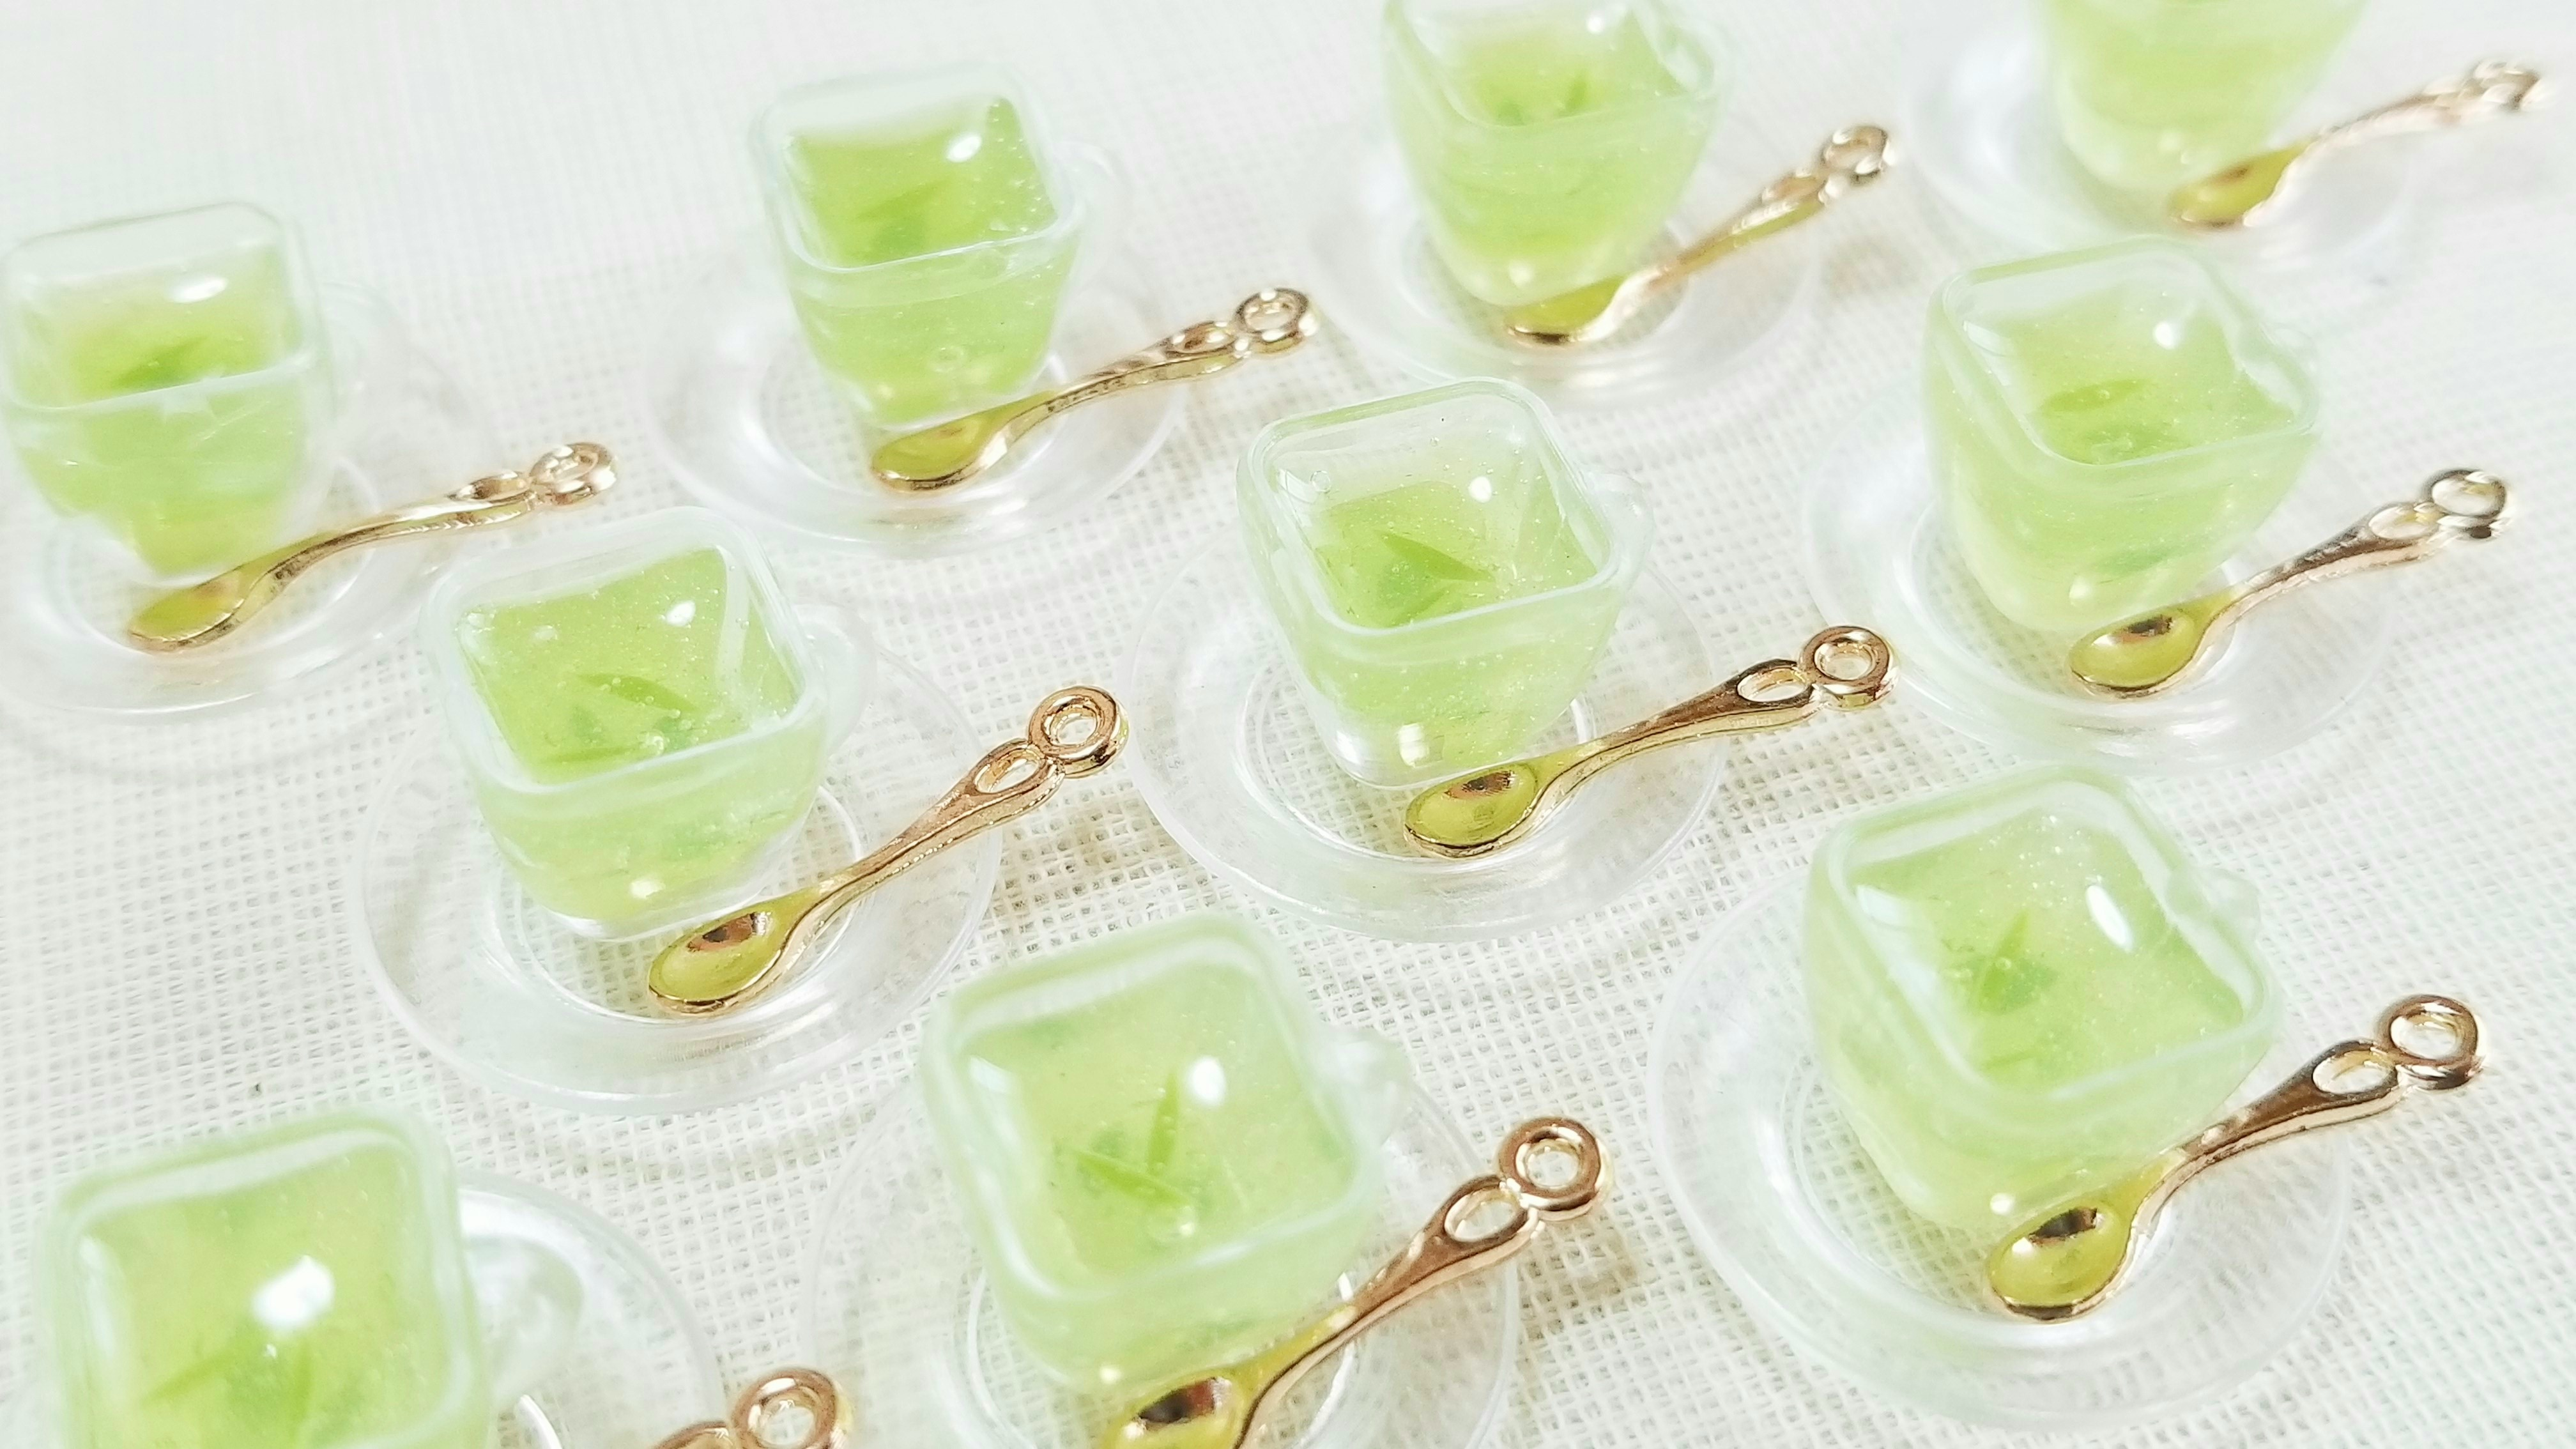 ミニチュアドリンク飲み物おいしい可愛い緑茶スイーツデザート小物